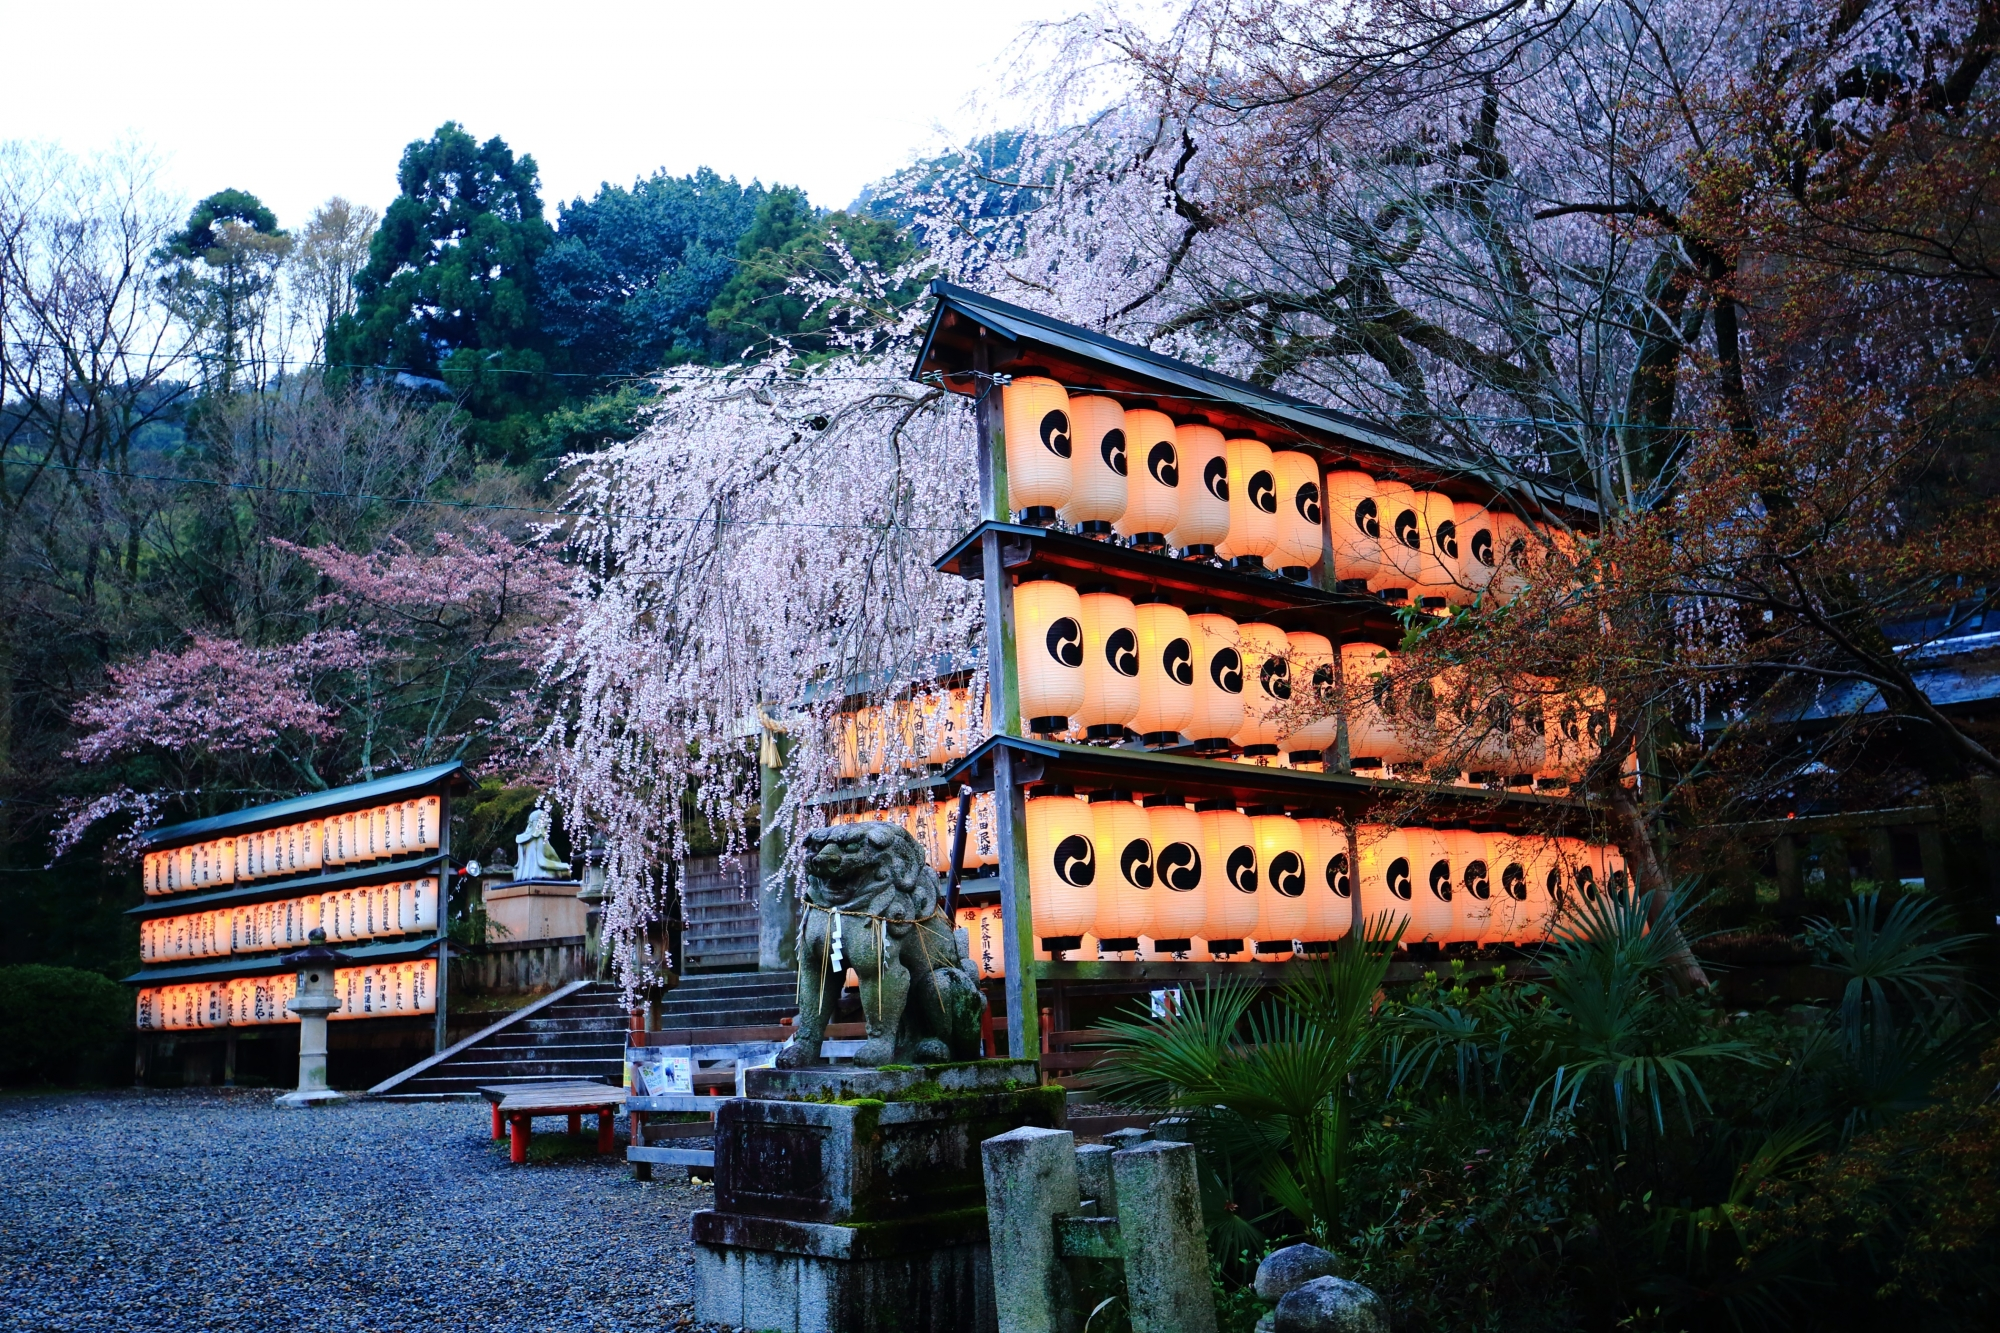 駒形提灯の裏側から眺めた大石桜